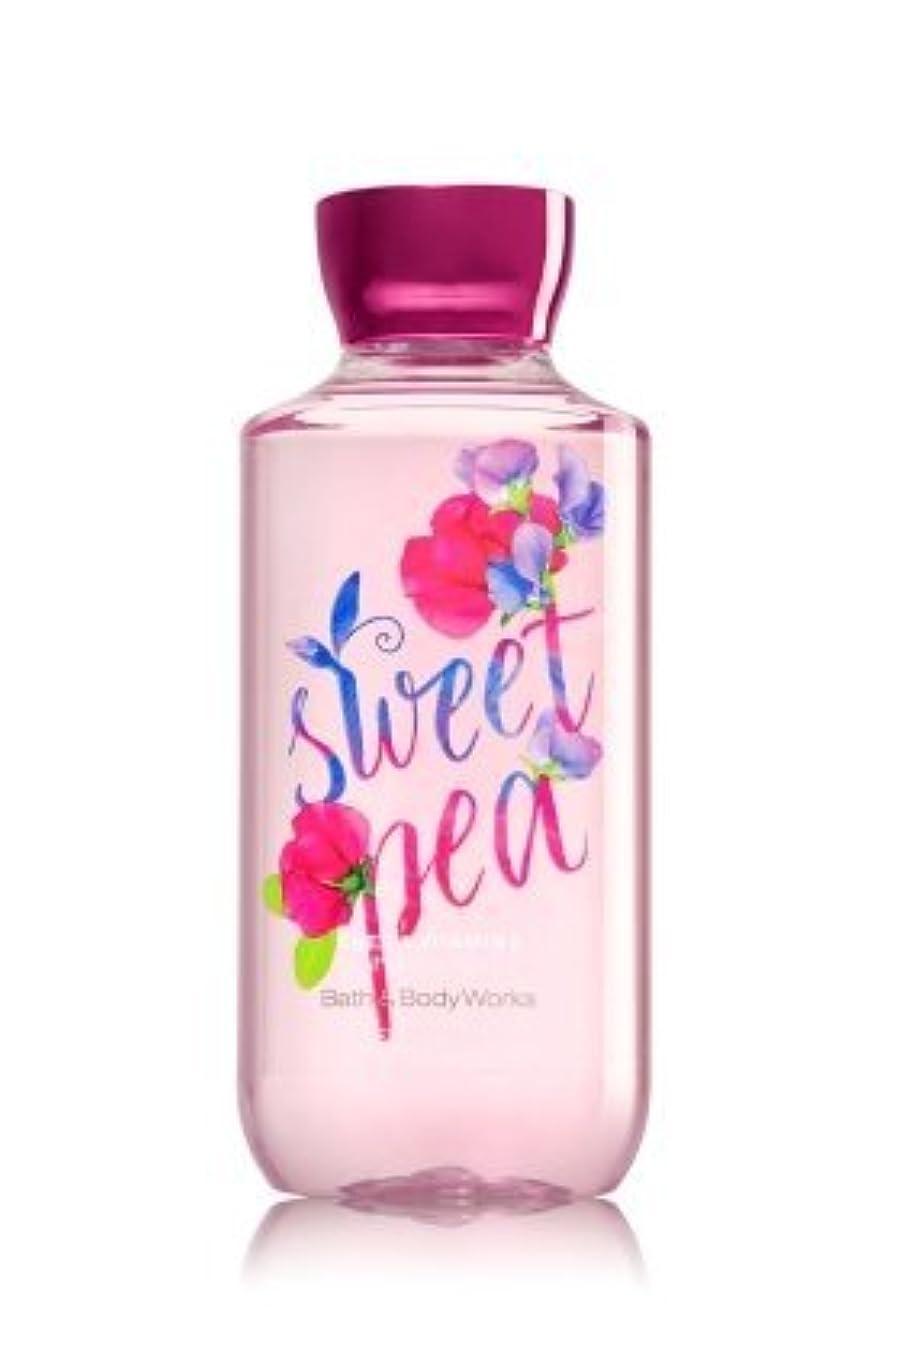 側面腐敗専門【Bath&Body Works/バス&ボディワークス】 シャワージェル スイートピー Shower Gel Sweet Pea 10 fl oz / 295 mL [並行輸入品]